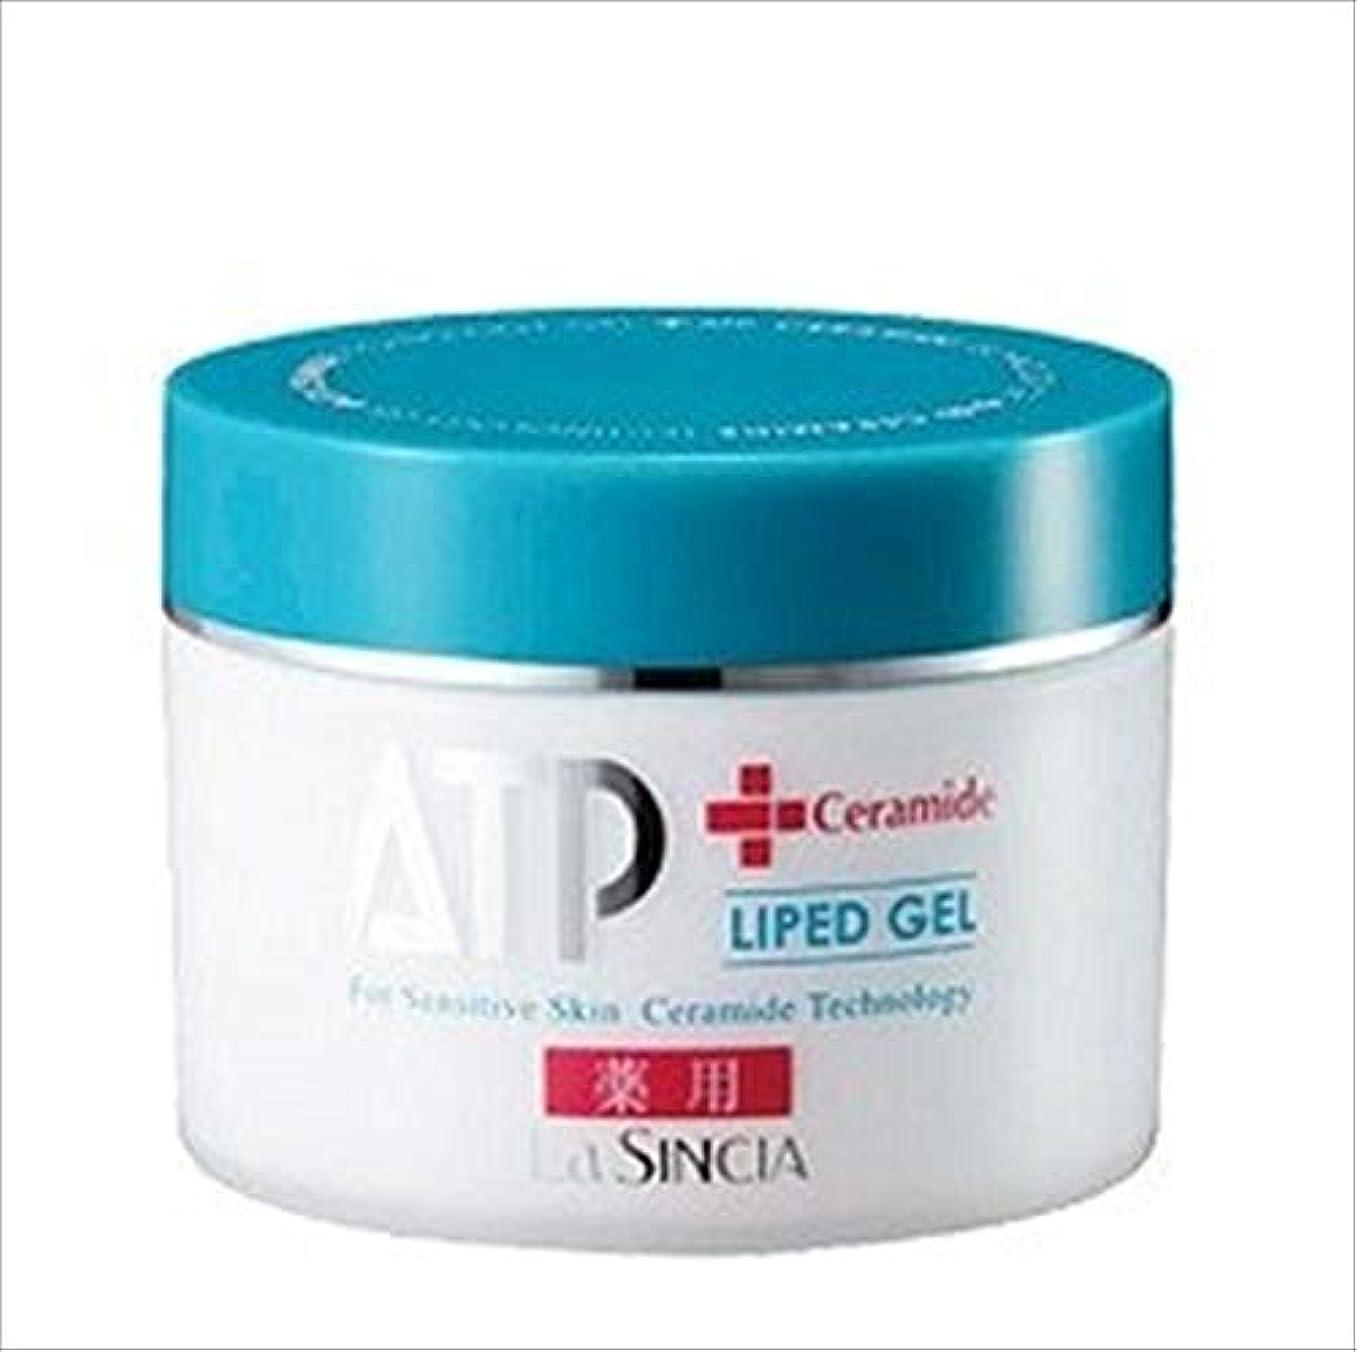 バンク発表するすぐにラ?シンシア 薬用ATP リピッドゲル 200g (全身?頭皮?頭髪用保湿ゲルクリーム)